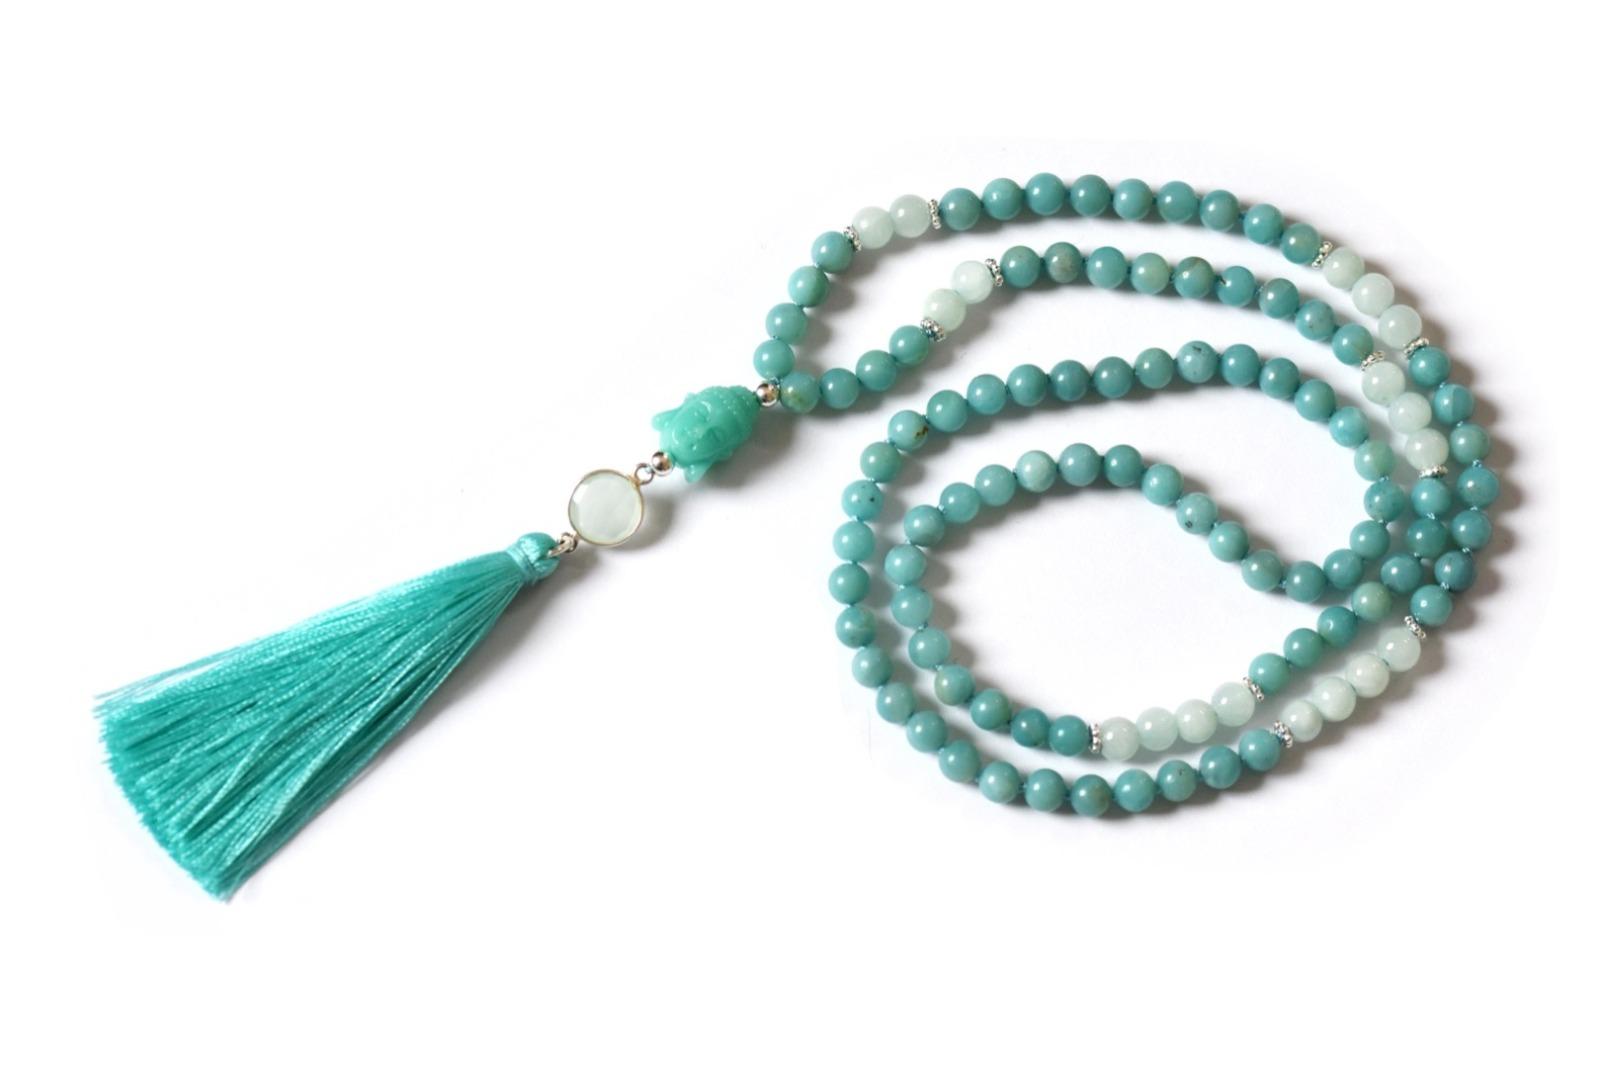 108 pearls - DIY Workshop 6